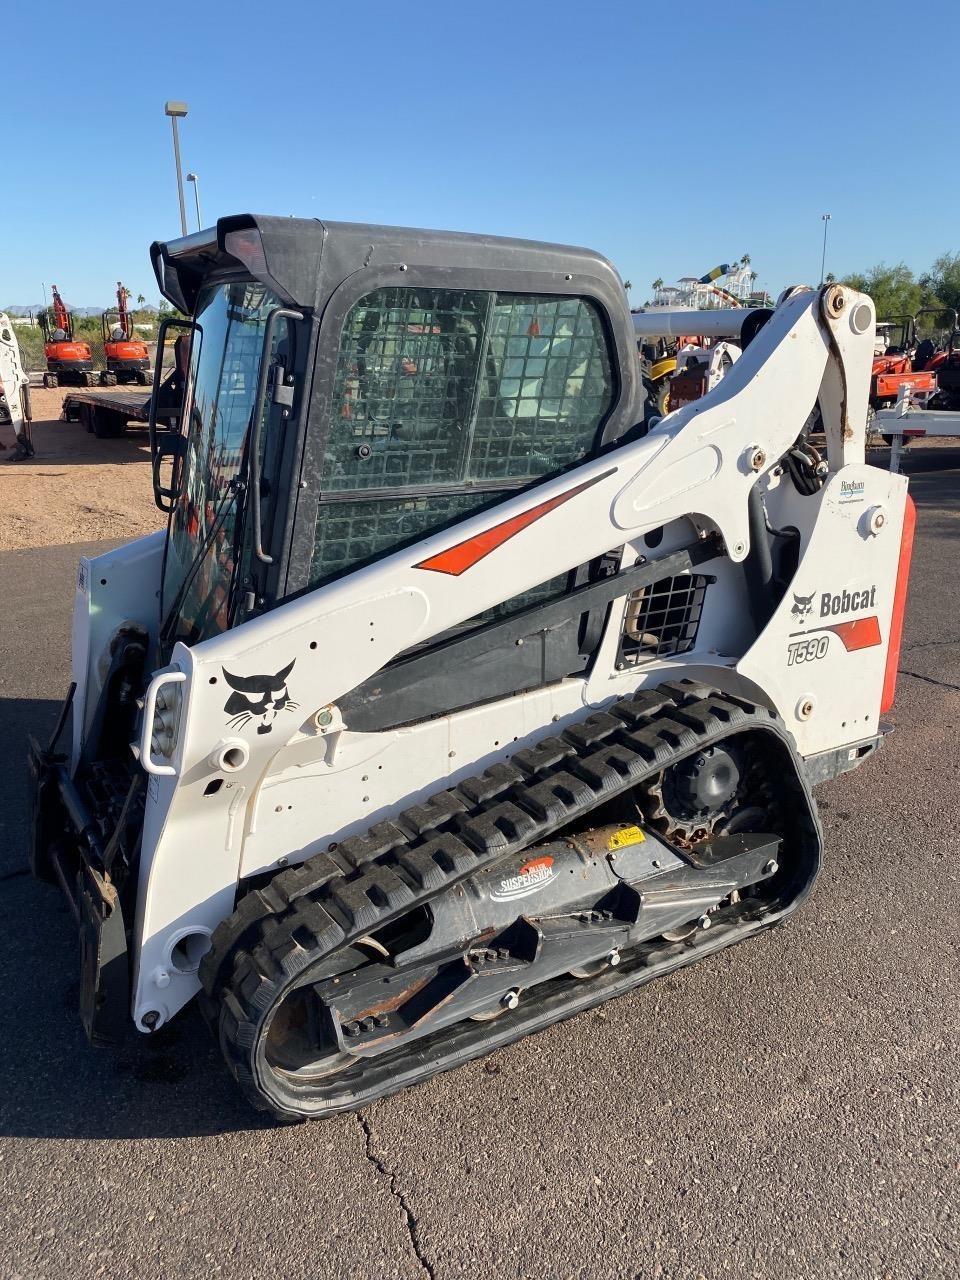 2019 Bobcat T590 Skid Steer